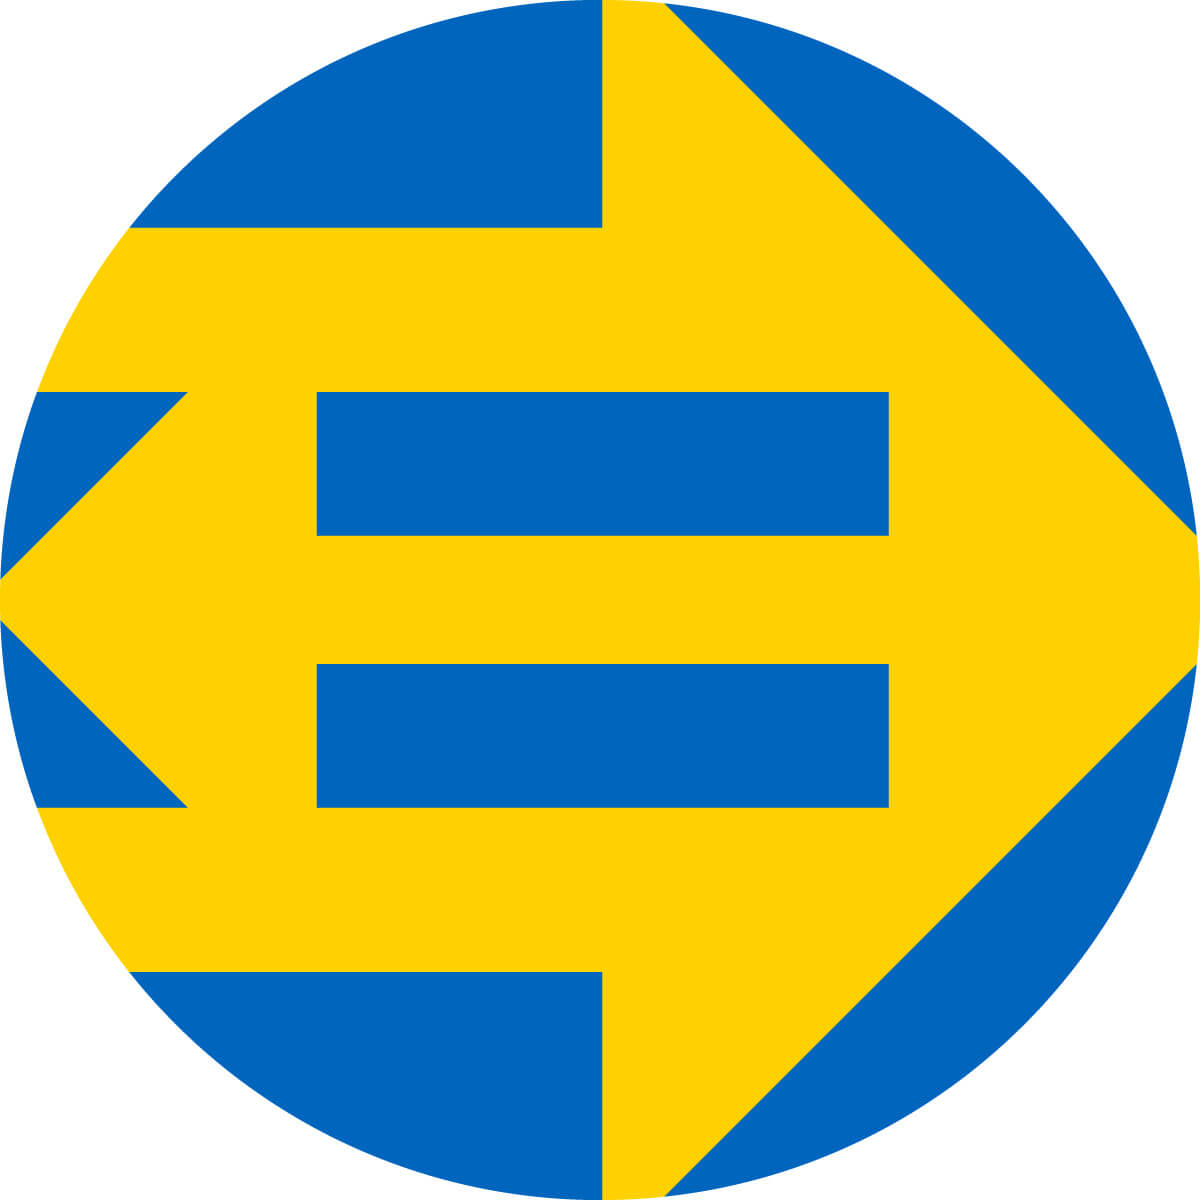 Lobbing okiem Europejskiego Rzecznika Praw Obywatelskich